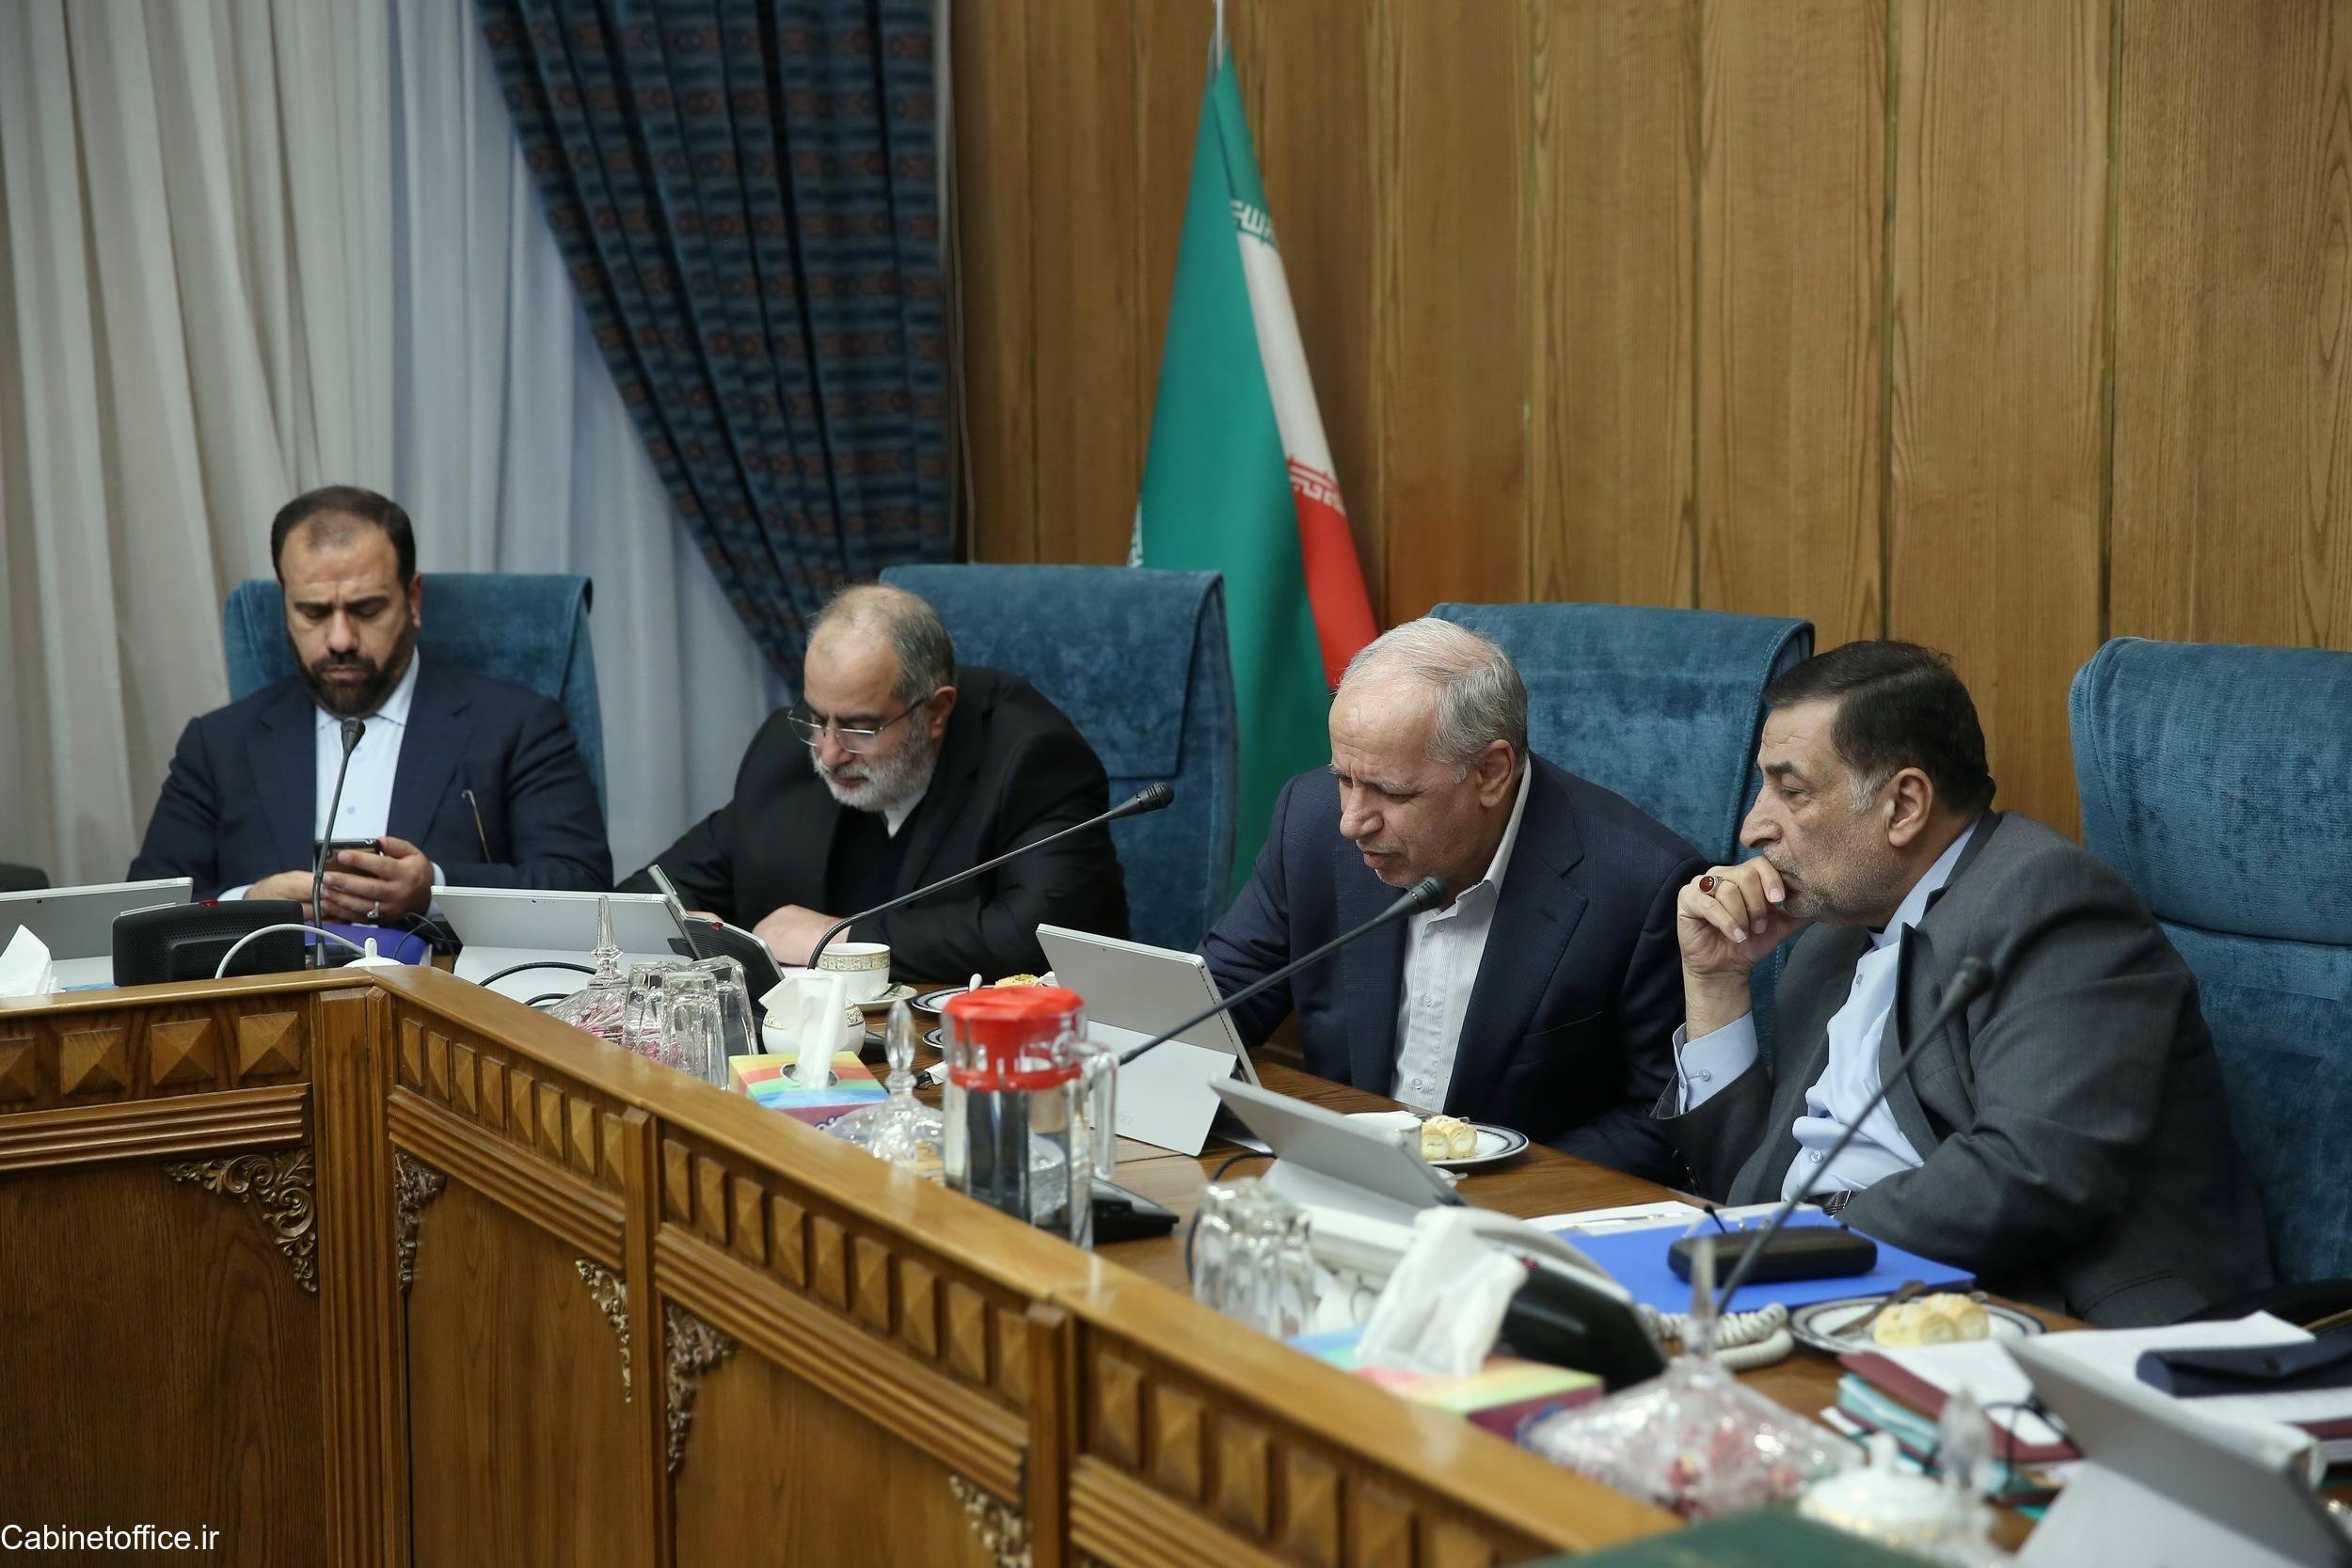 جلسه اصلی کمیسیون لوایح در تاریخ ۲۳ آذر ۱۳۹۸